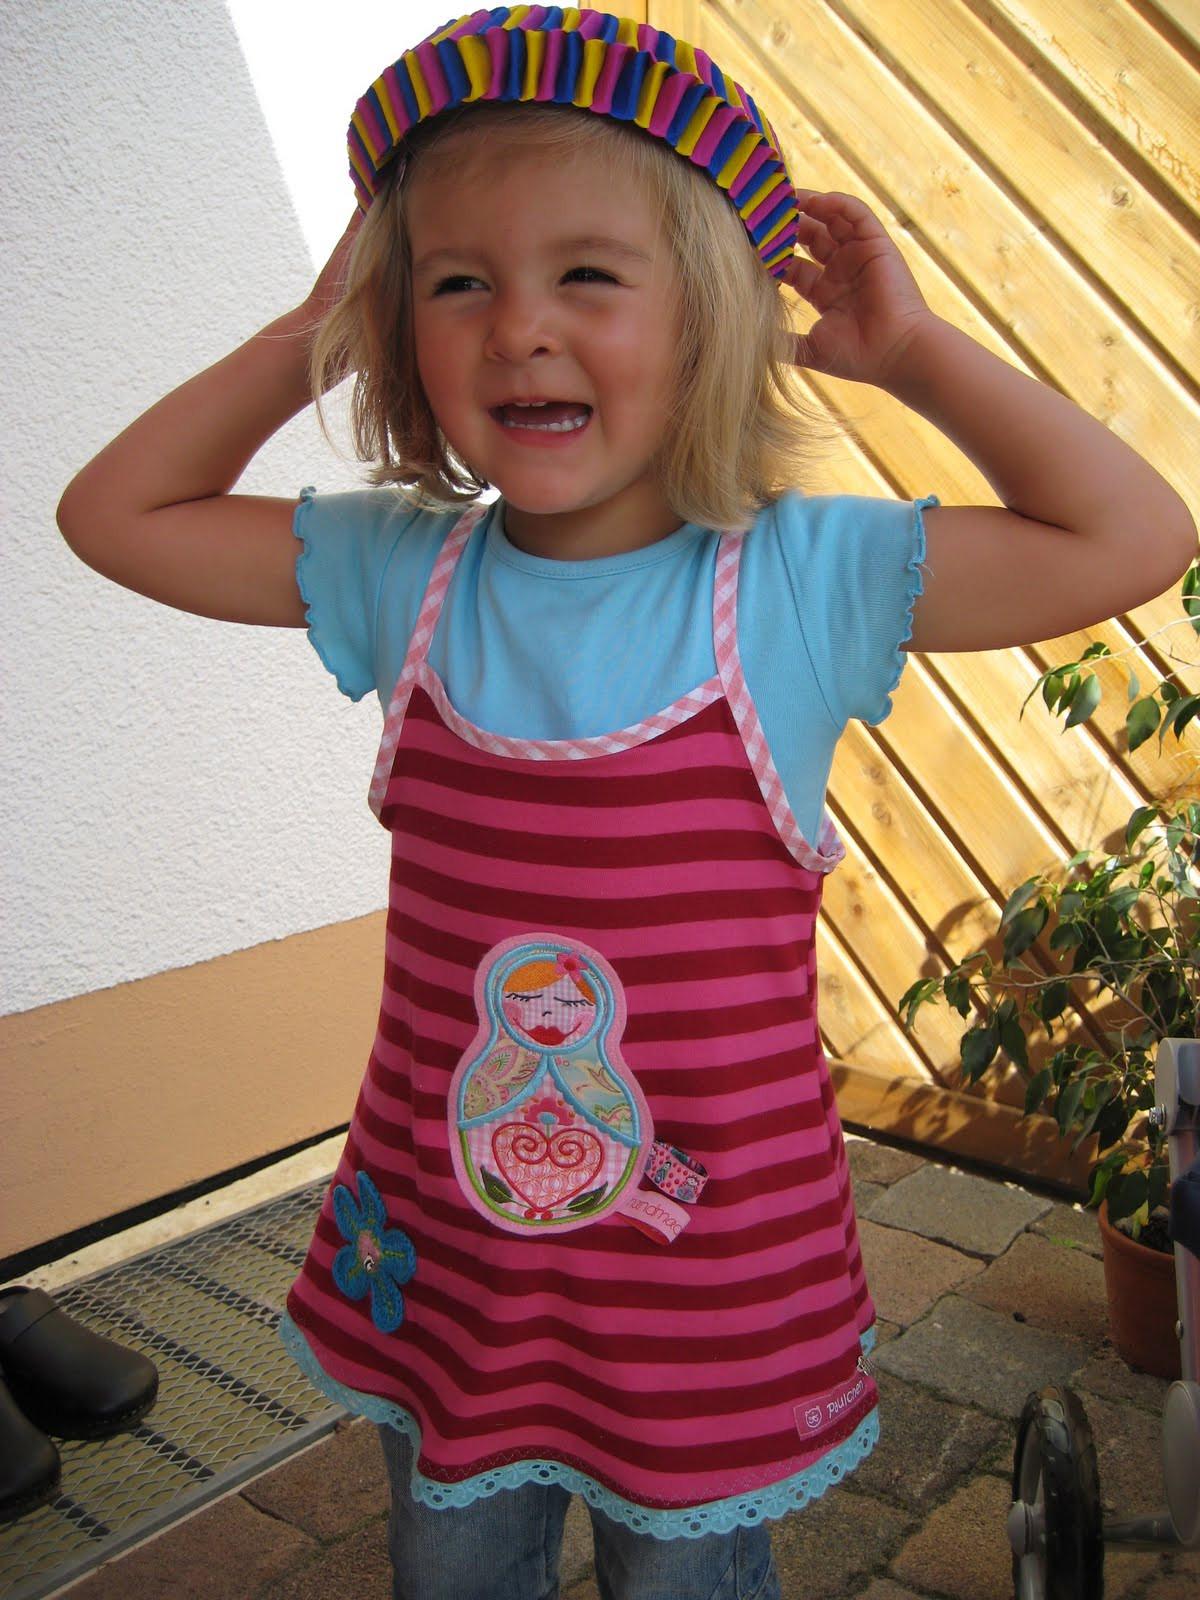 Geburtstagsgeschenk Mädchen 4 Jahre  Paulchen & Anton Ein grosses Mädchen